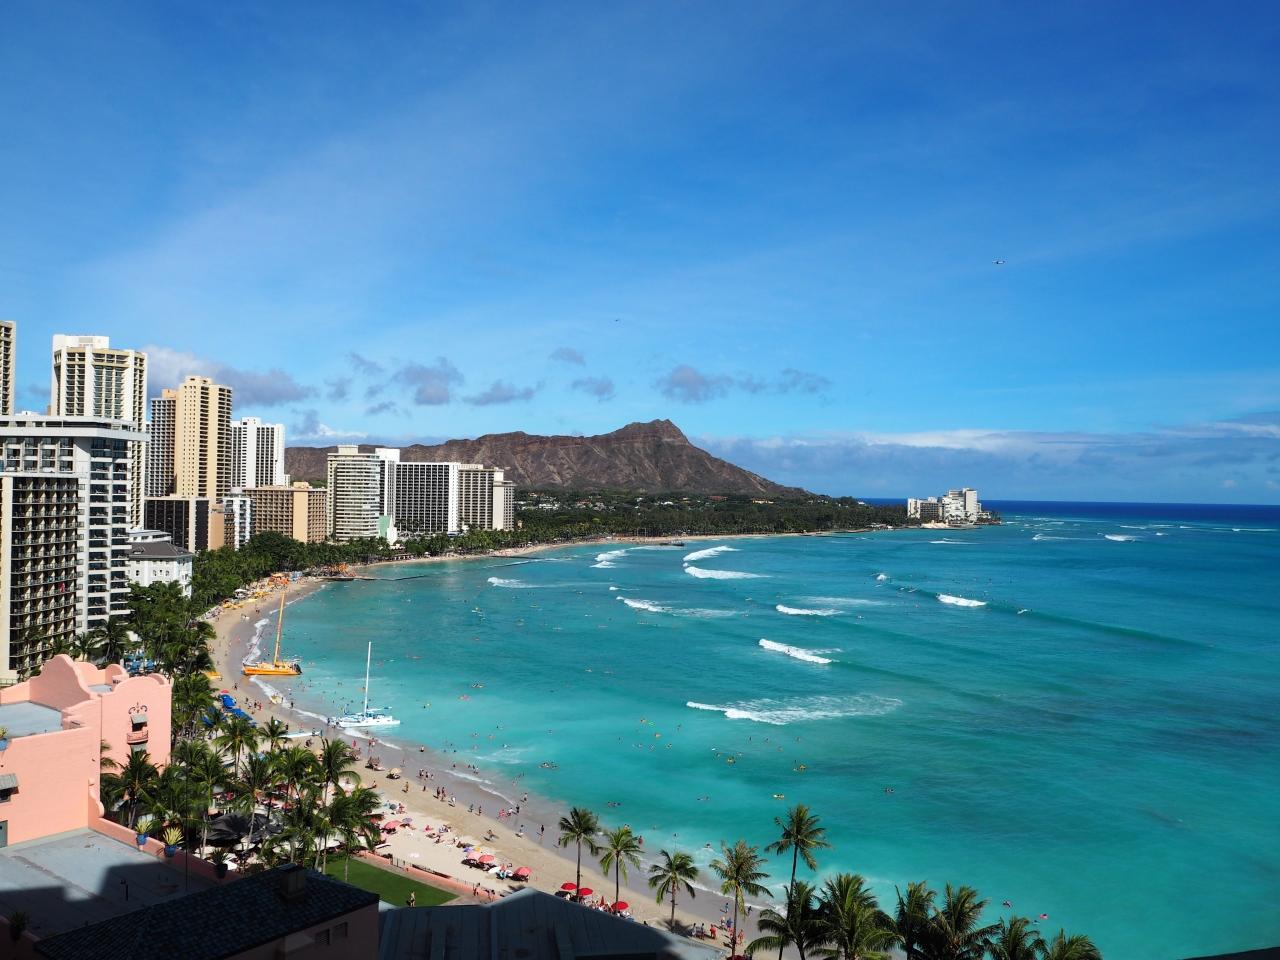 ハワイのホノルルに家族5人で行く費用はどのくら …